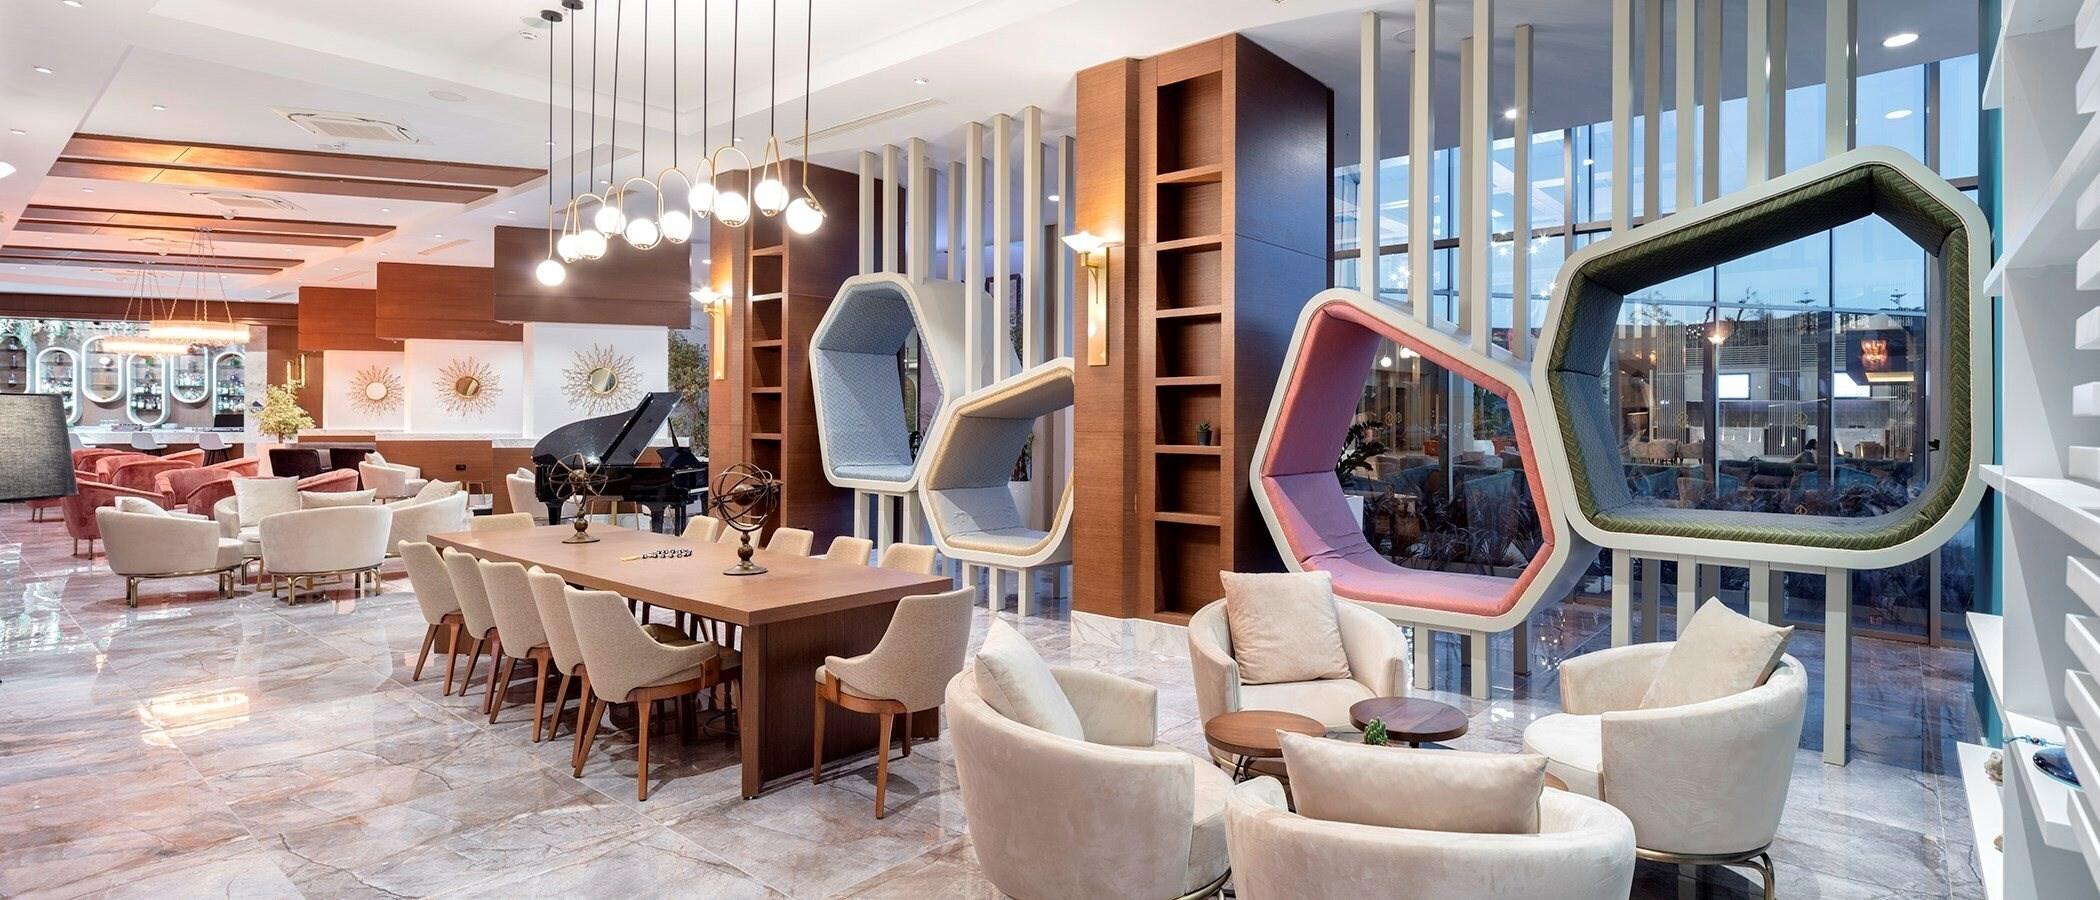 Отель Nirvana Cosmopolitan 5* (Анталия) 5* – туры в отель Nirvana  Cosmopolitan 5* (Турция): цены, отзывы туристов, фото